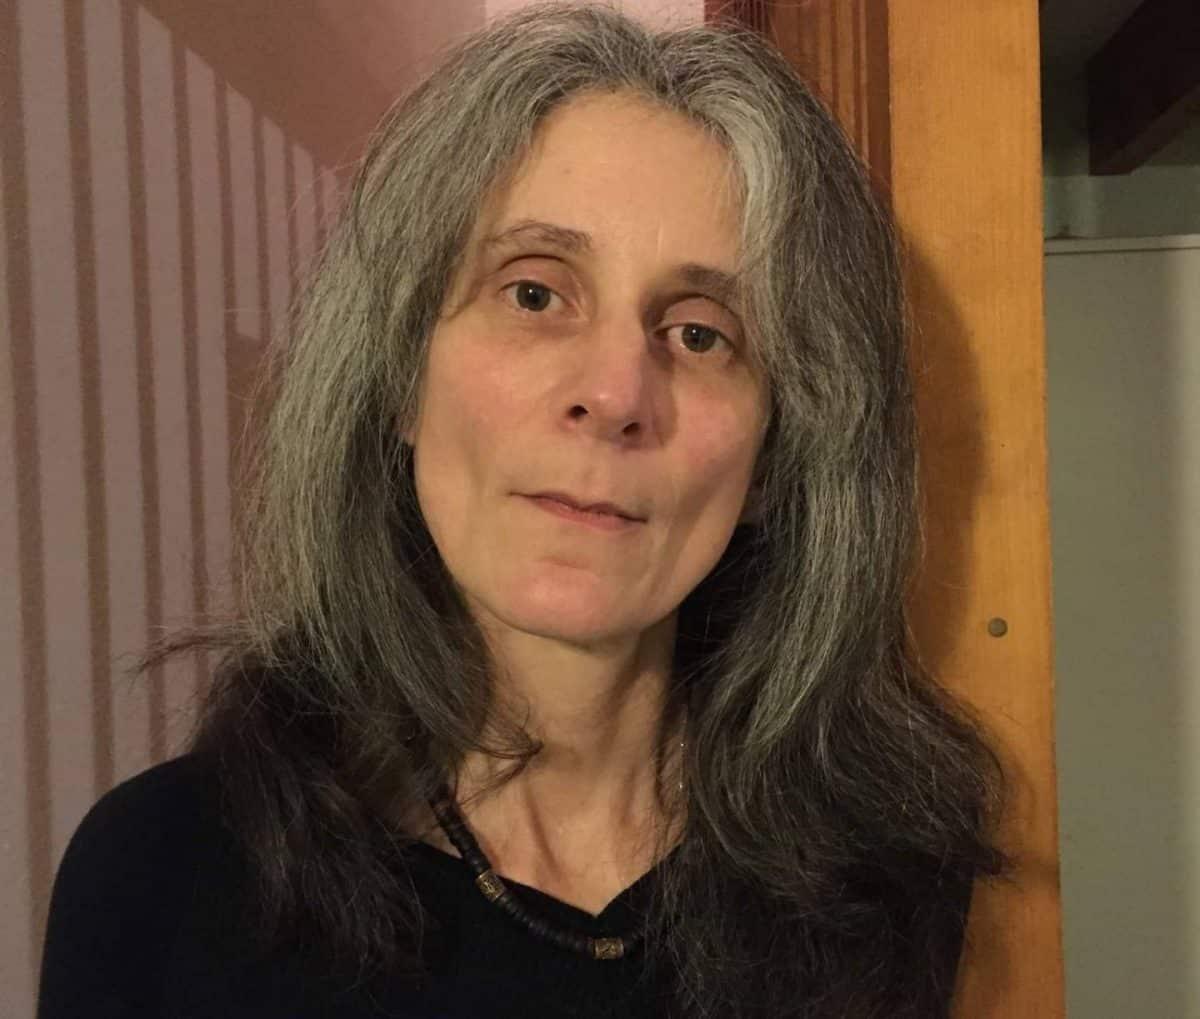 Ane Lise Pena en grève de la faim contre la violence des politiques sanitaire